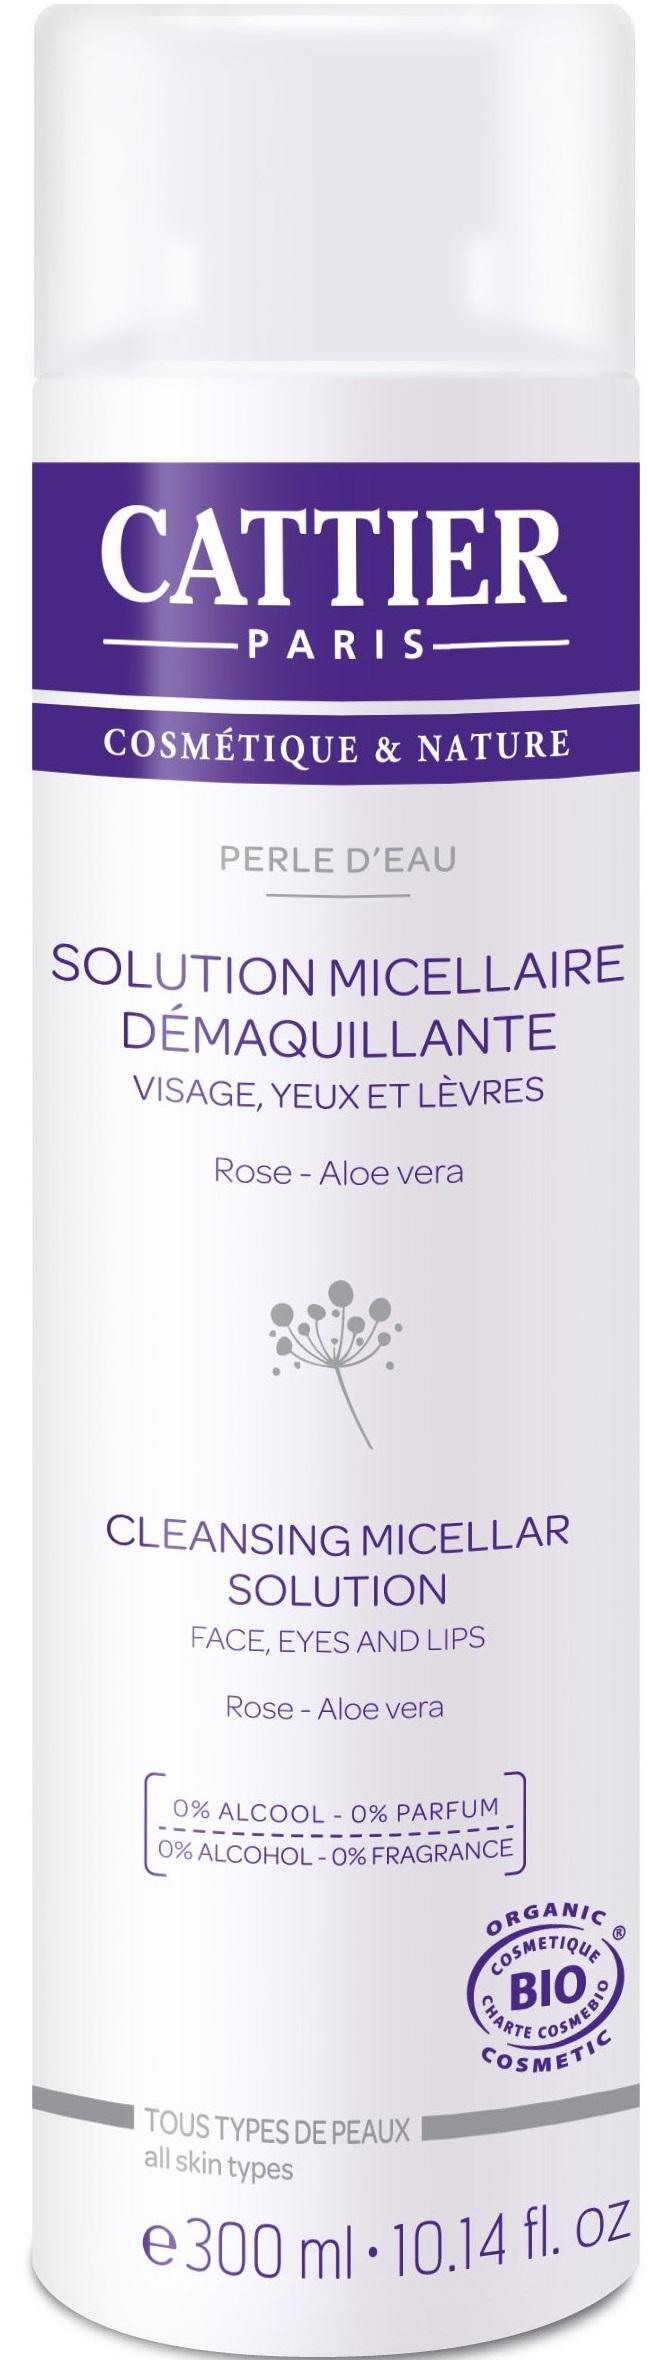 cattier-perle-deau-solution-micellaire-demaquillante-300ml